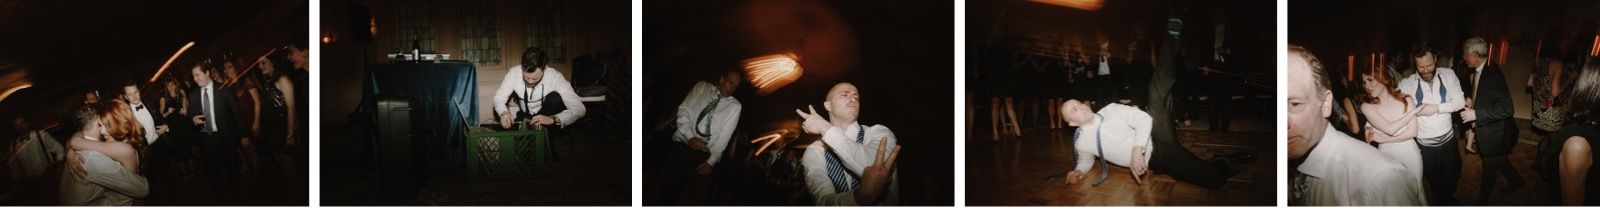 128_Arctic_Club_Wedding_Seattle_264_Arctic_Club_Wedding_Seattle_269_Arctic_Club_Wedding_Seattle_267_Arctic_Club_Wedding_Seattle_265_Arctic_Club_Wedding_Seattle_268.jpg